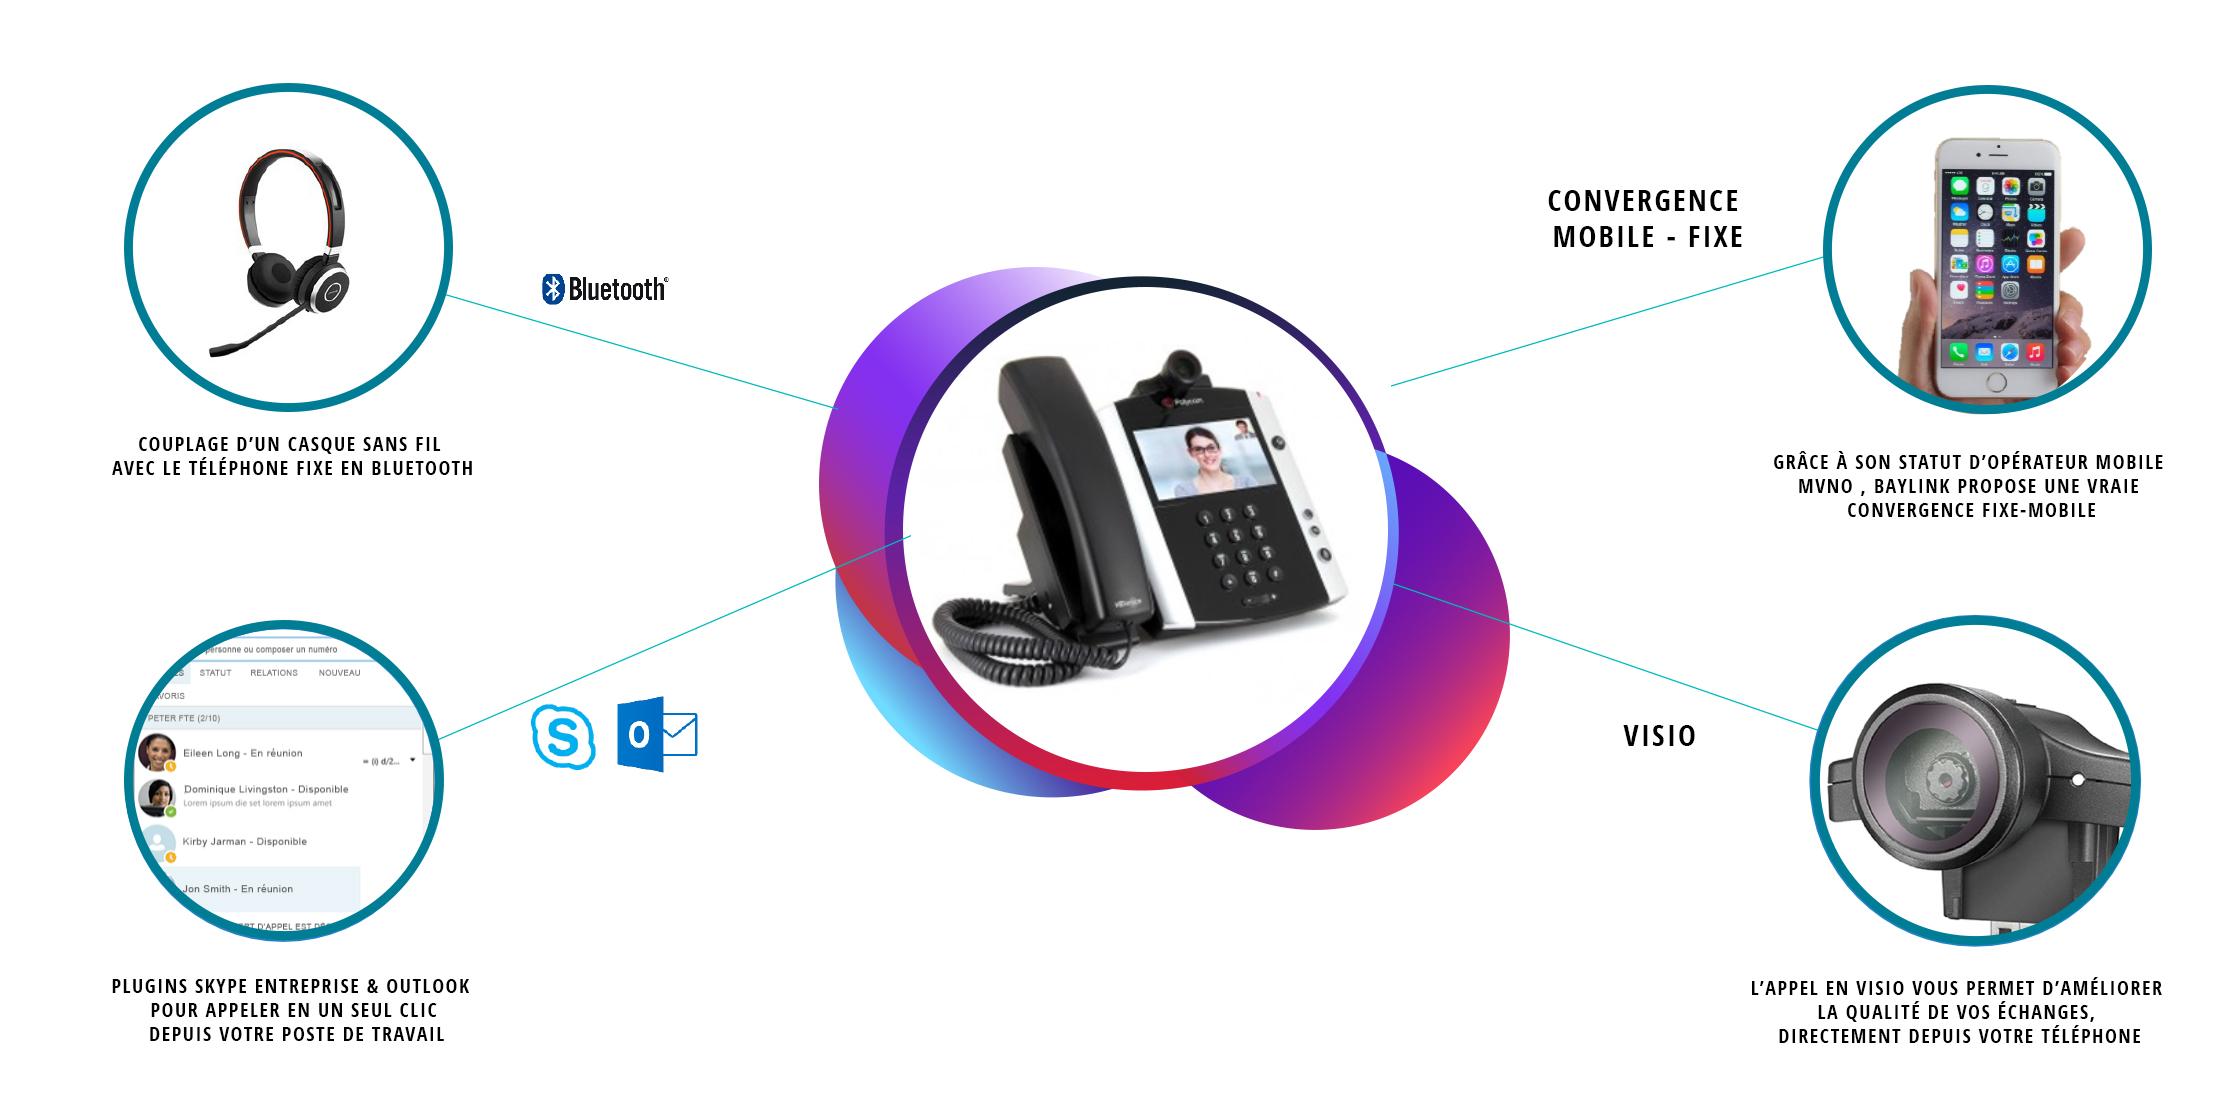 baylink-telephonie